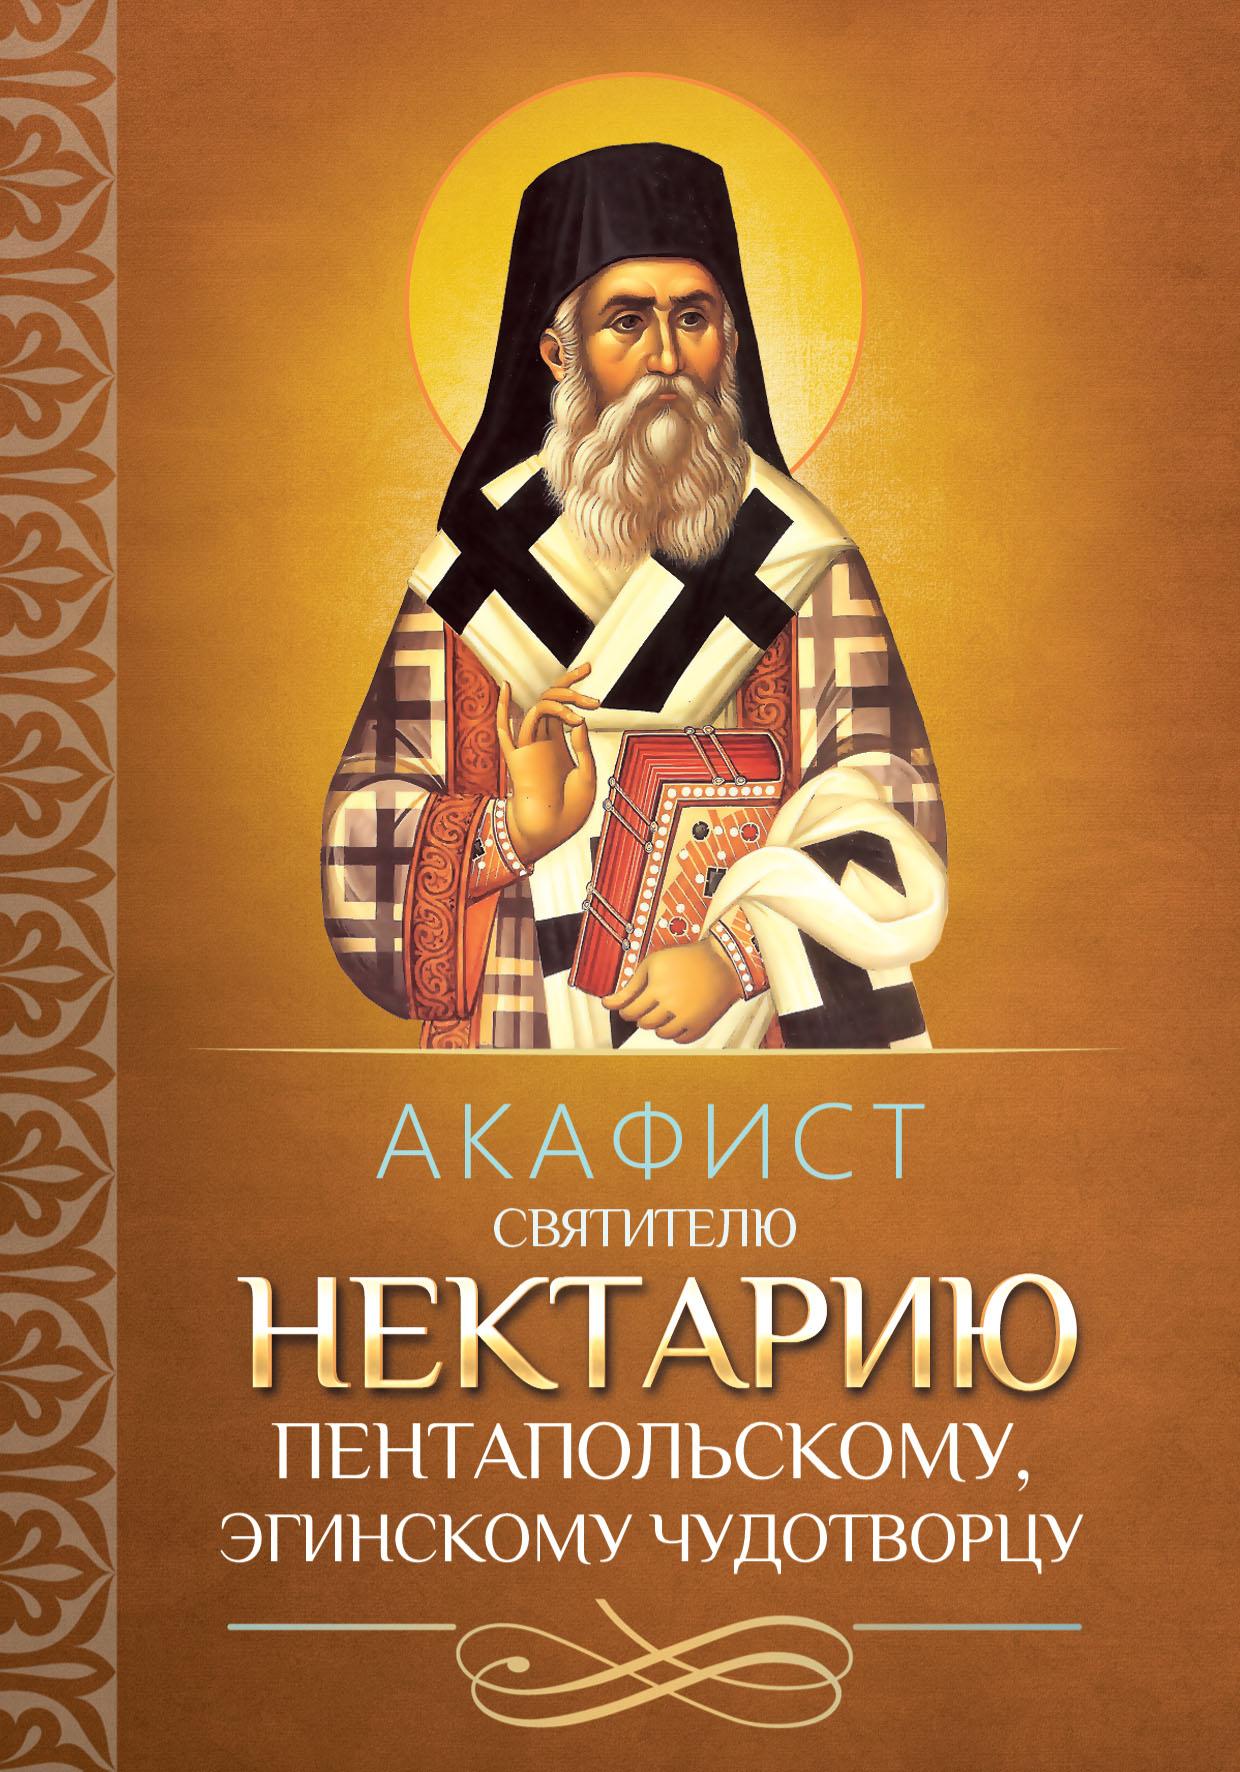 Отсутствует Акафист святителю Нектарию Пентапольскому, Эгинскому чудотворцу акафист святителю николаю чудотворцу page 5